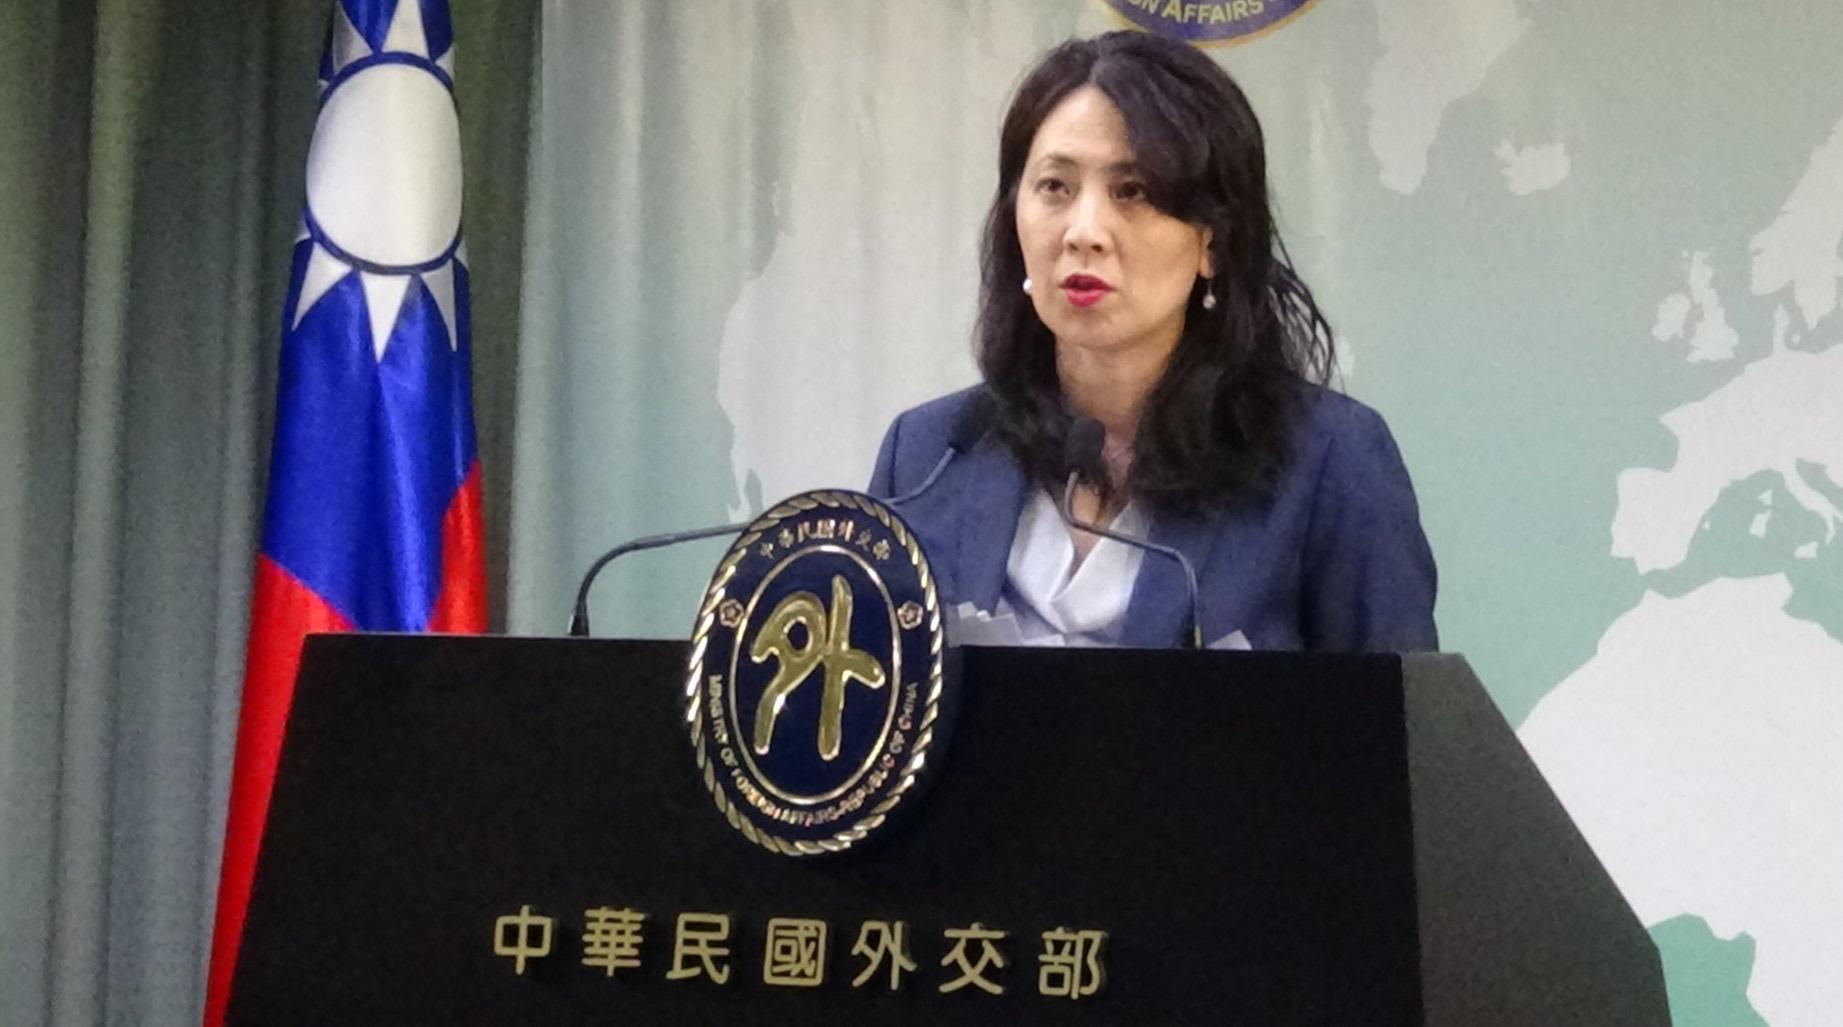 外交部副发言人欧江安回应美舰今年第六次航经台海。(记者夏小华摄)